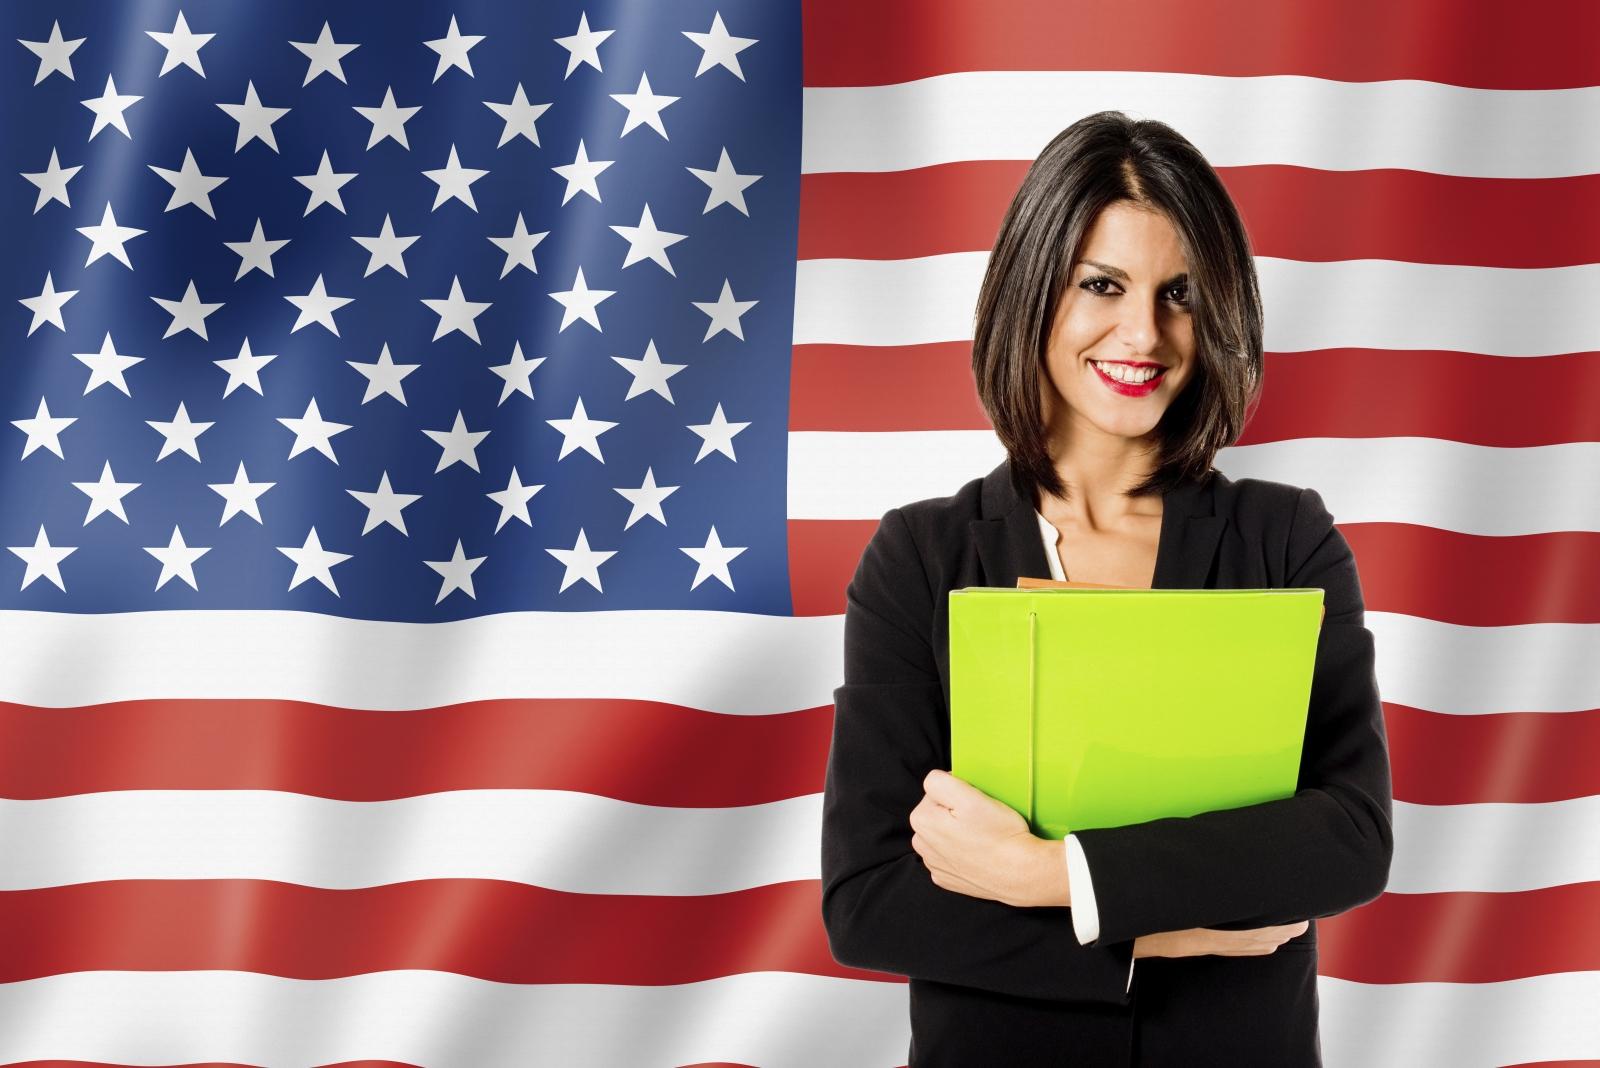 Auslandsjahr in den USA - Sprachreise, Austausch, Work & Travel